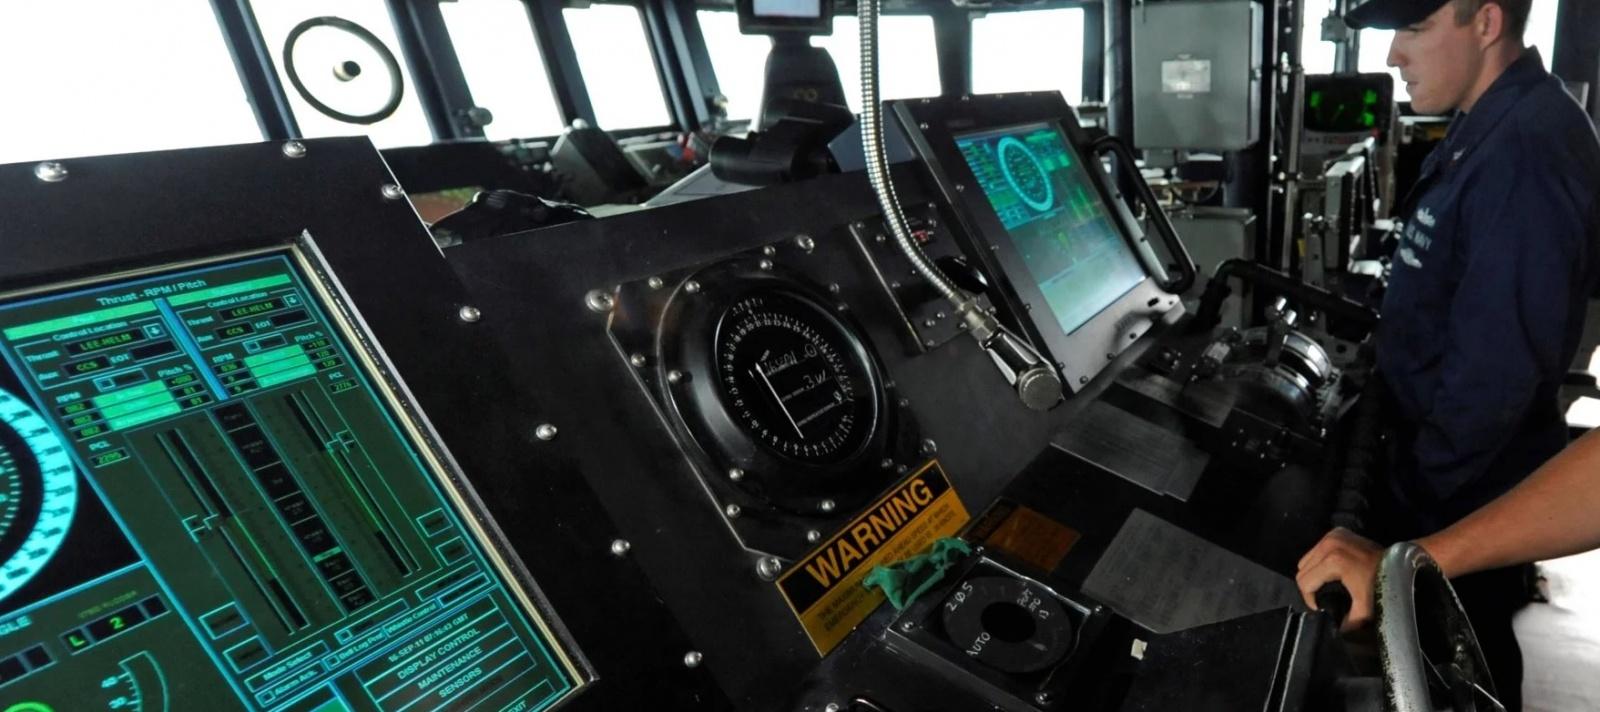 В ВМС США отказываются от использования сенсорных экранов в системах управления боевых кораблей - 1